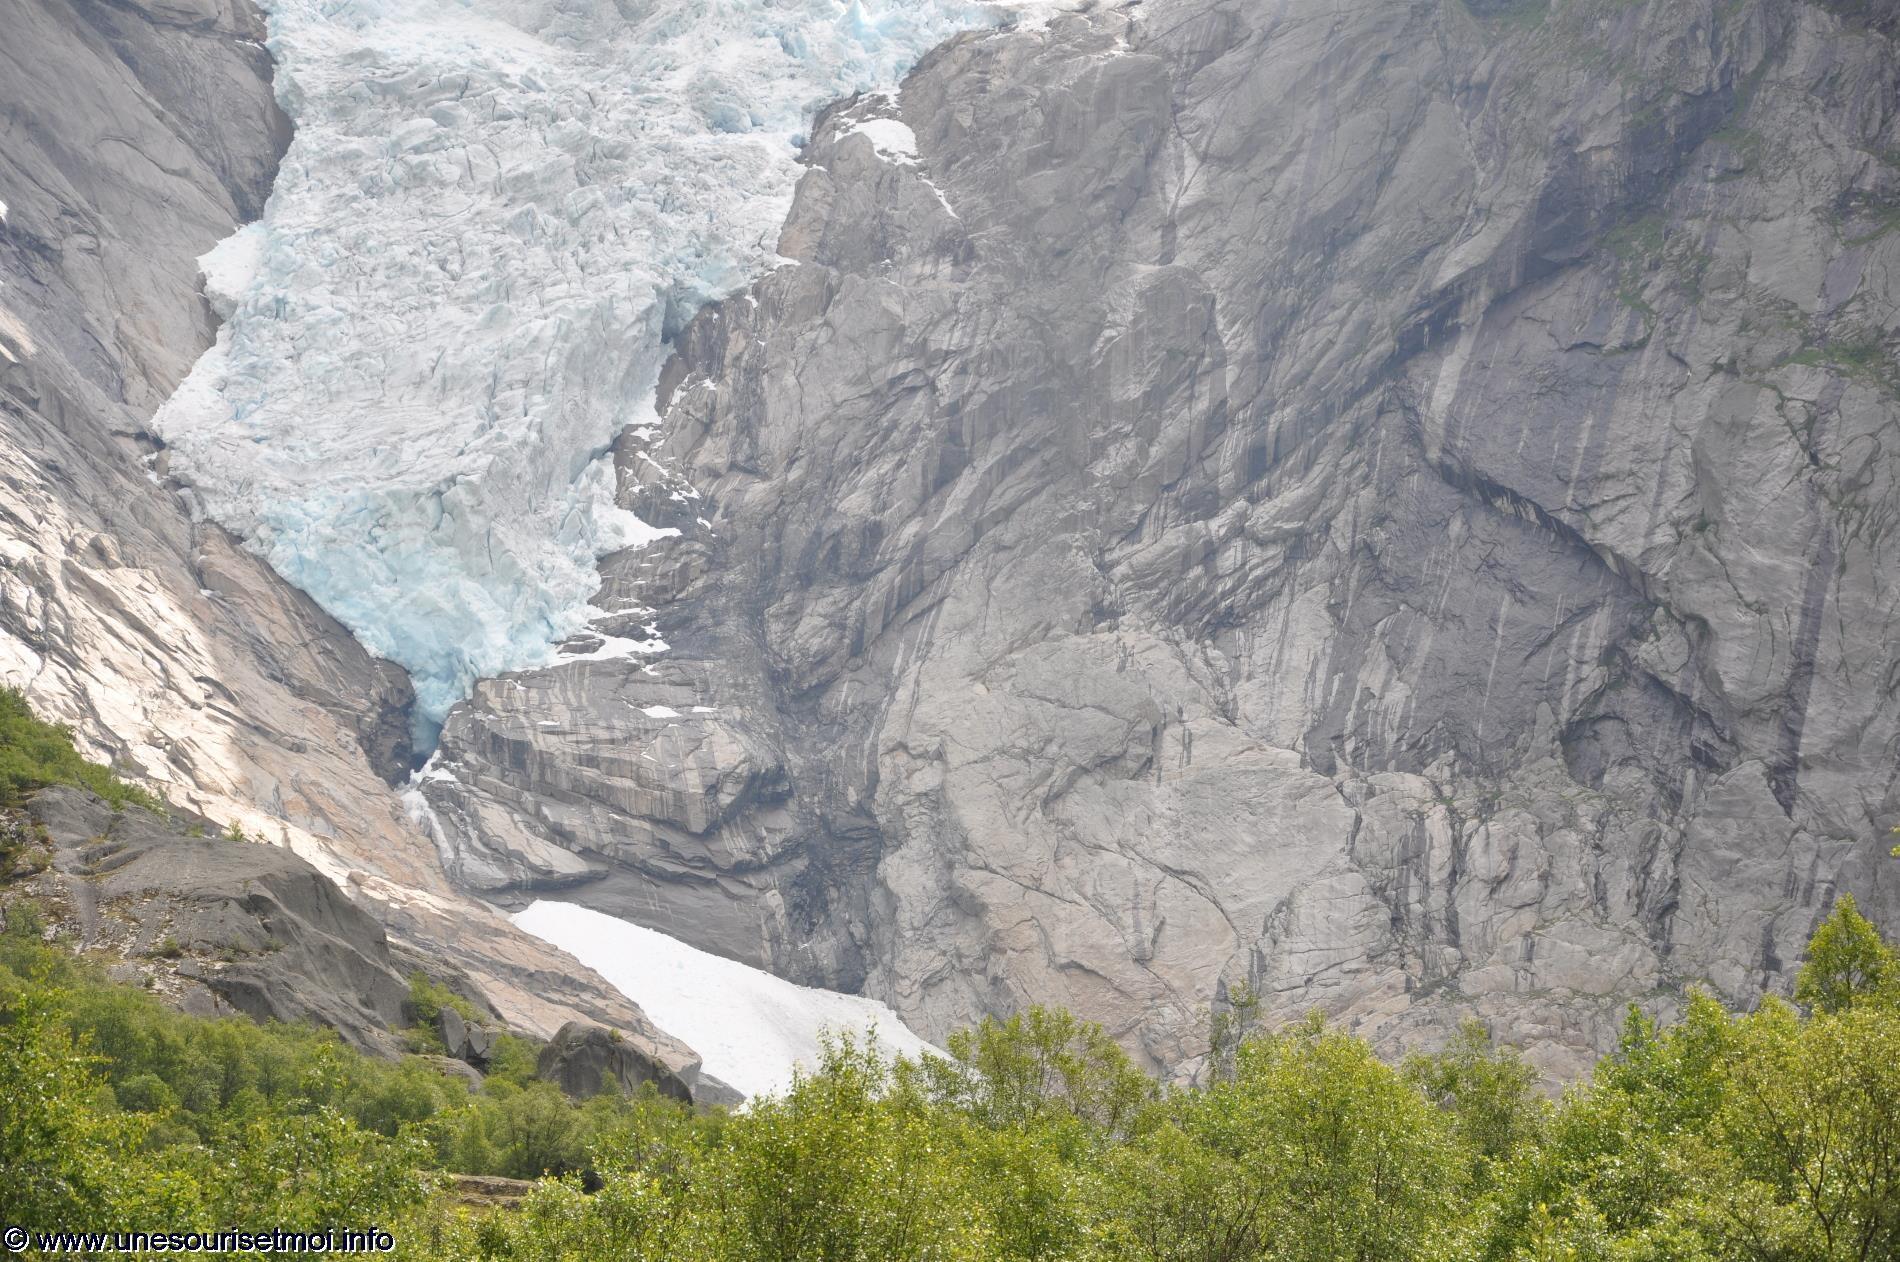 norvege_ville-de-olden_glacier-de-briksdal_09